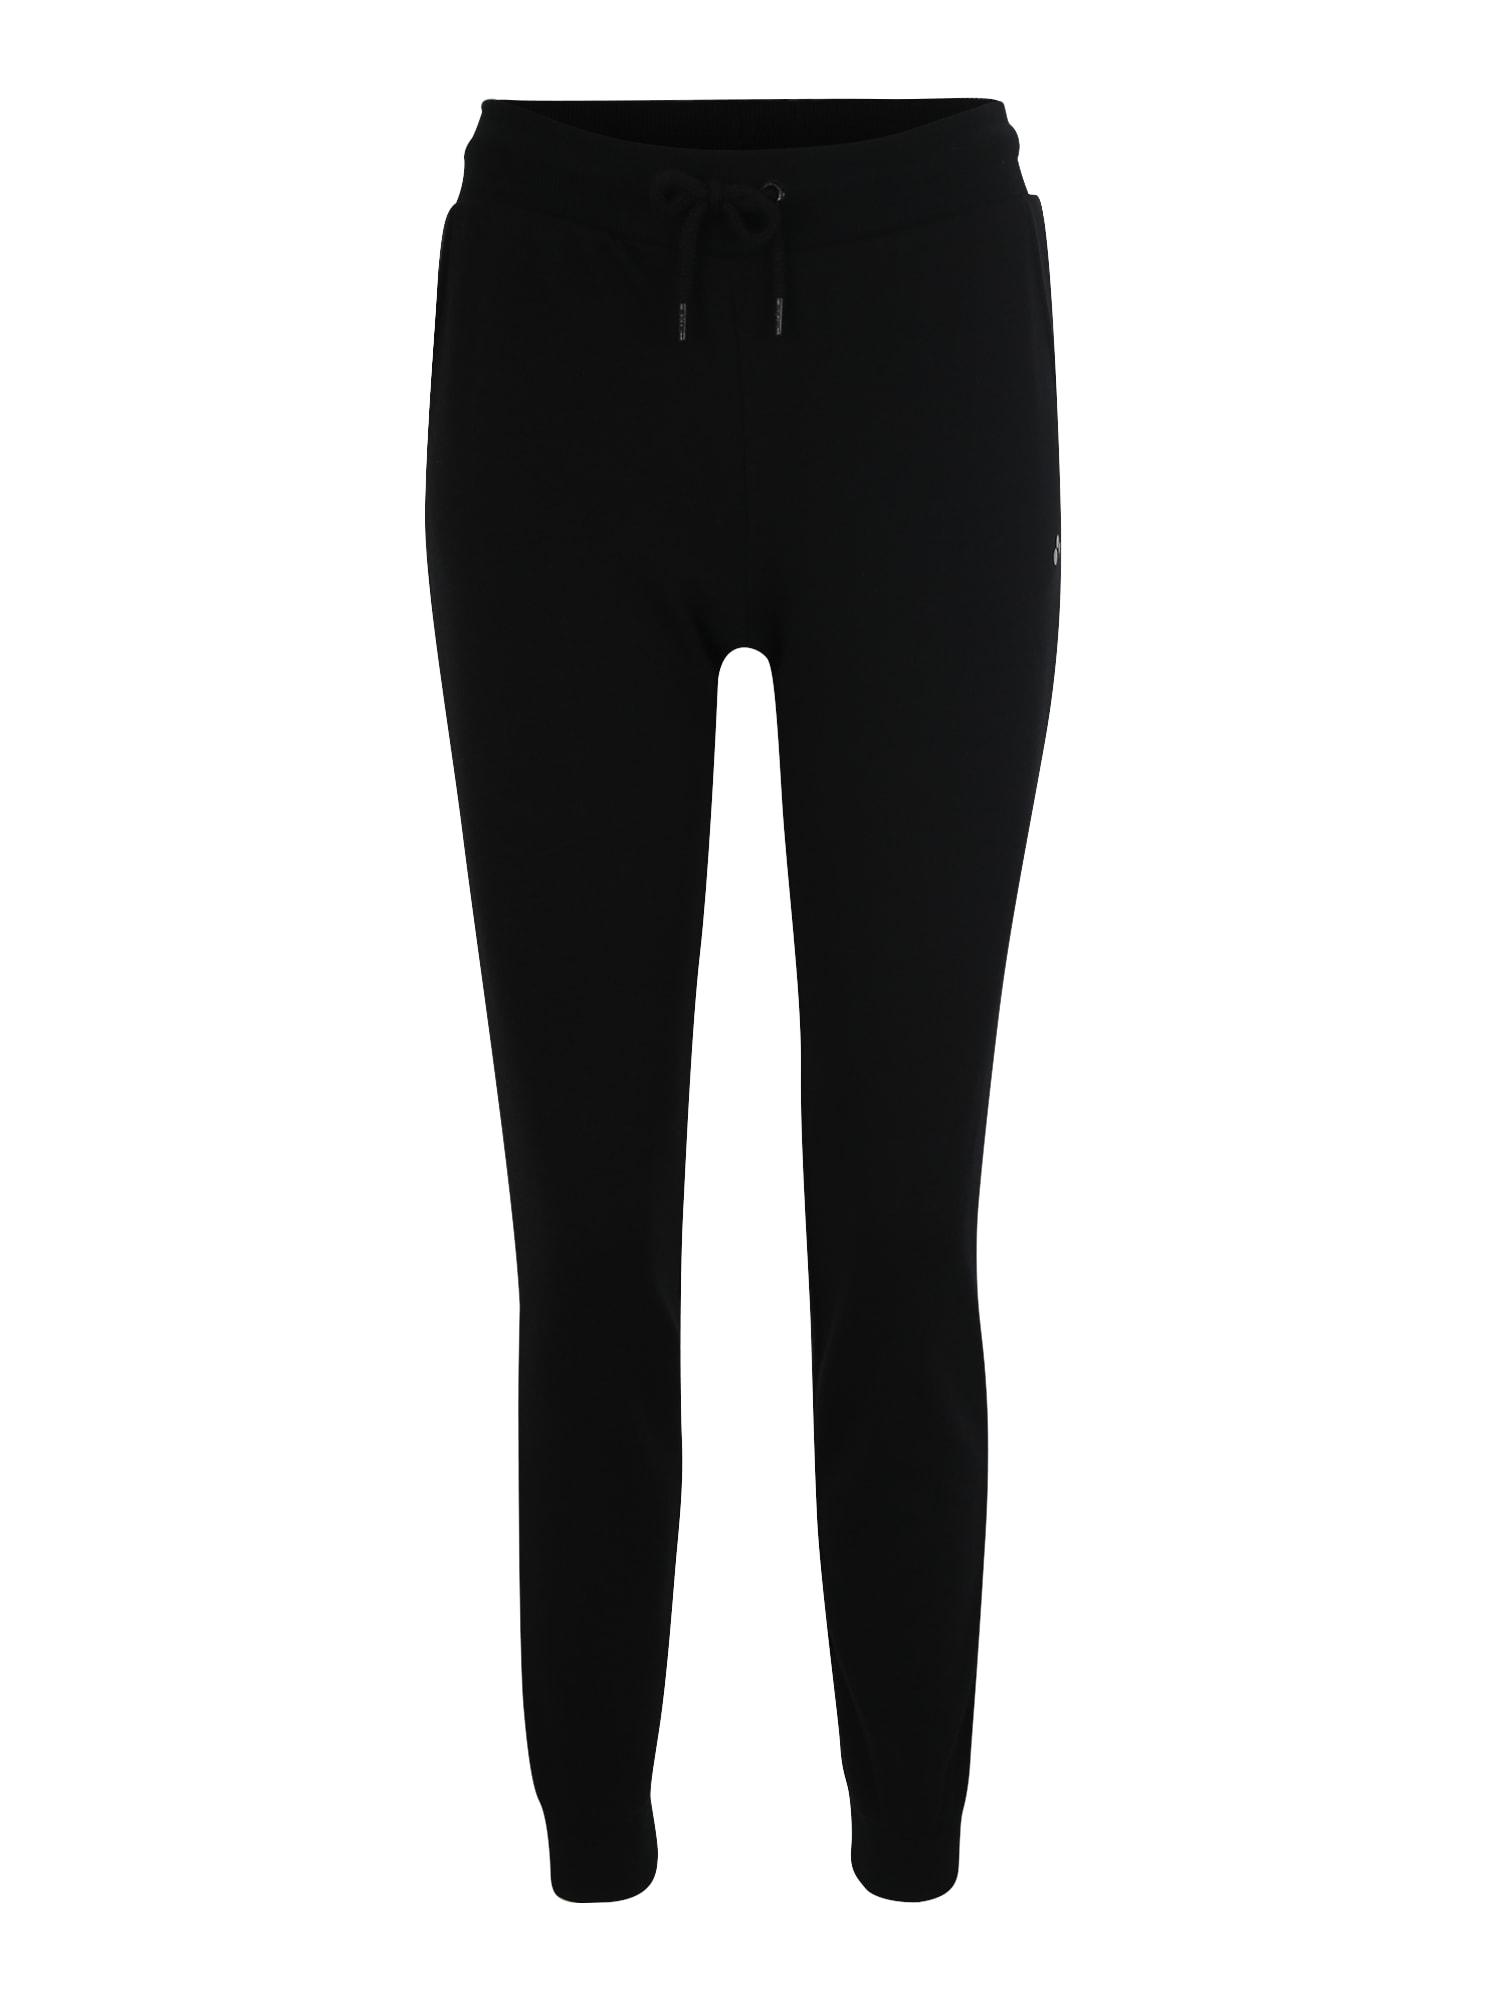 ONLY PLAY Sportinės kelnės 'Elina' juoda